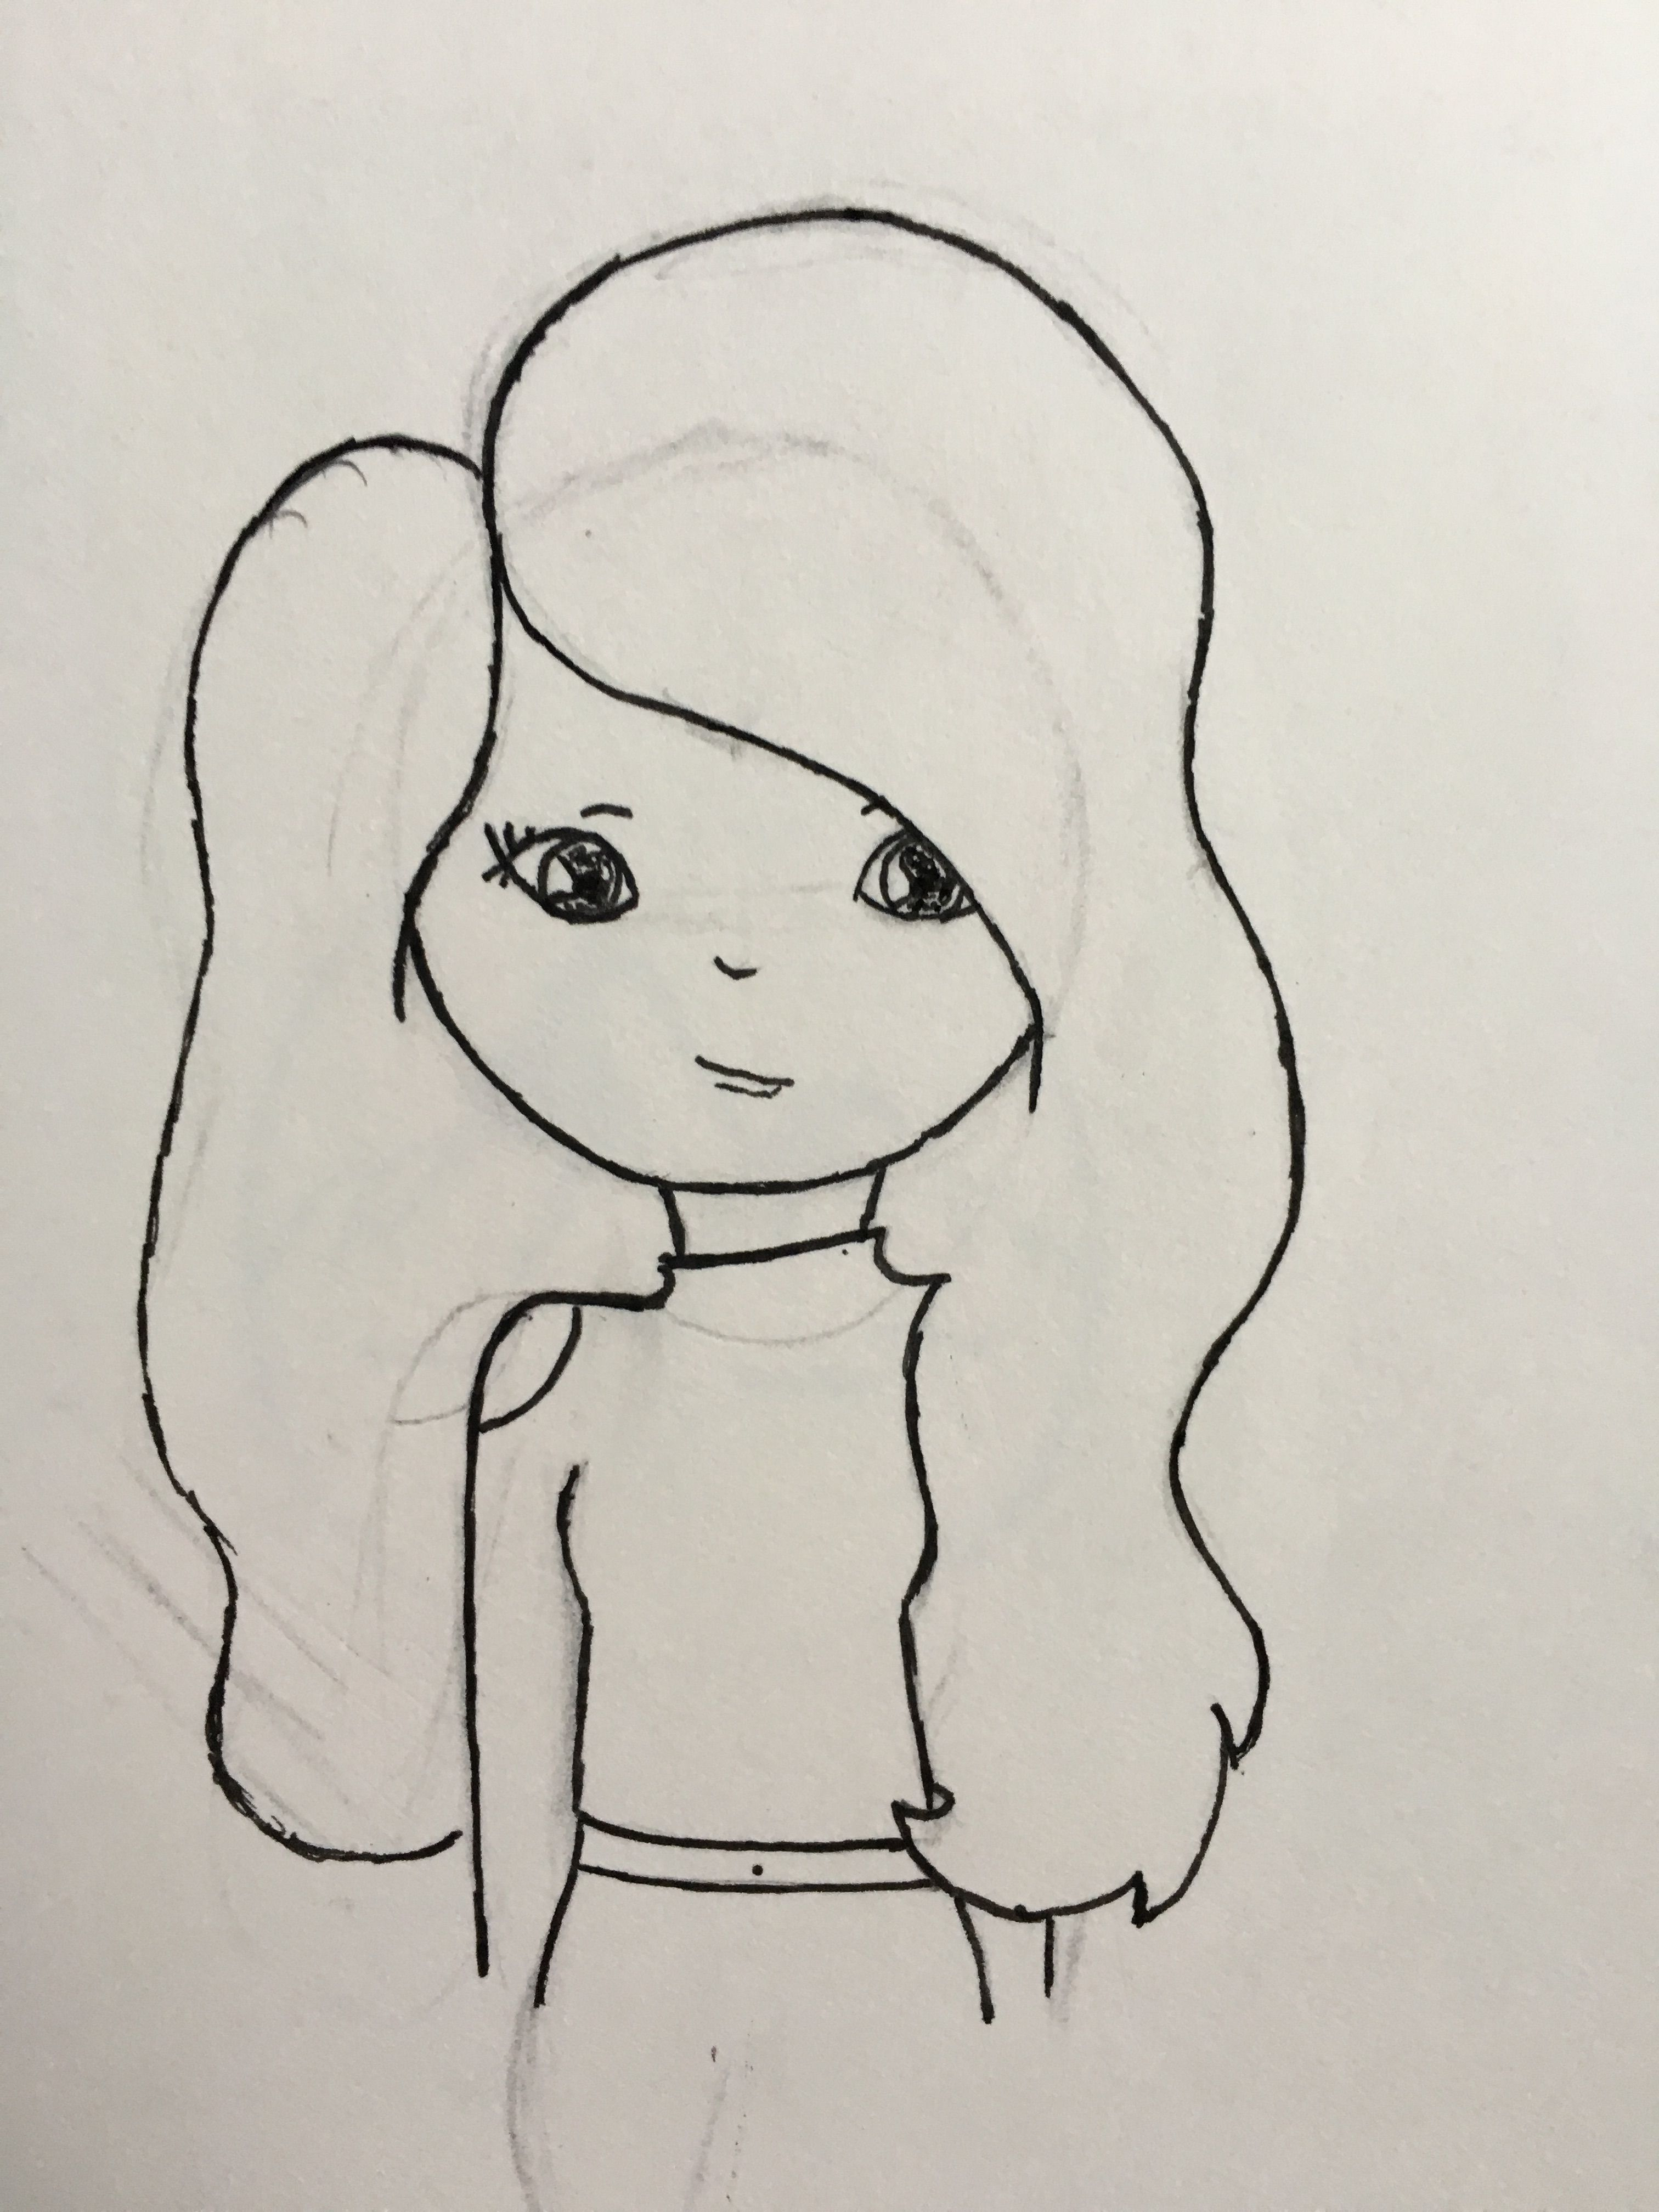 Pin Von Selda Auf Kara Kalem Pinterest Gesichter Zeichnen Ideen Innen Leichte Bilder Zum Nachmalen Drawings Easy Drawings Art